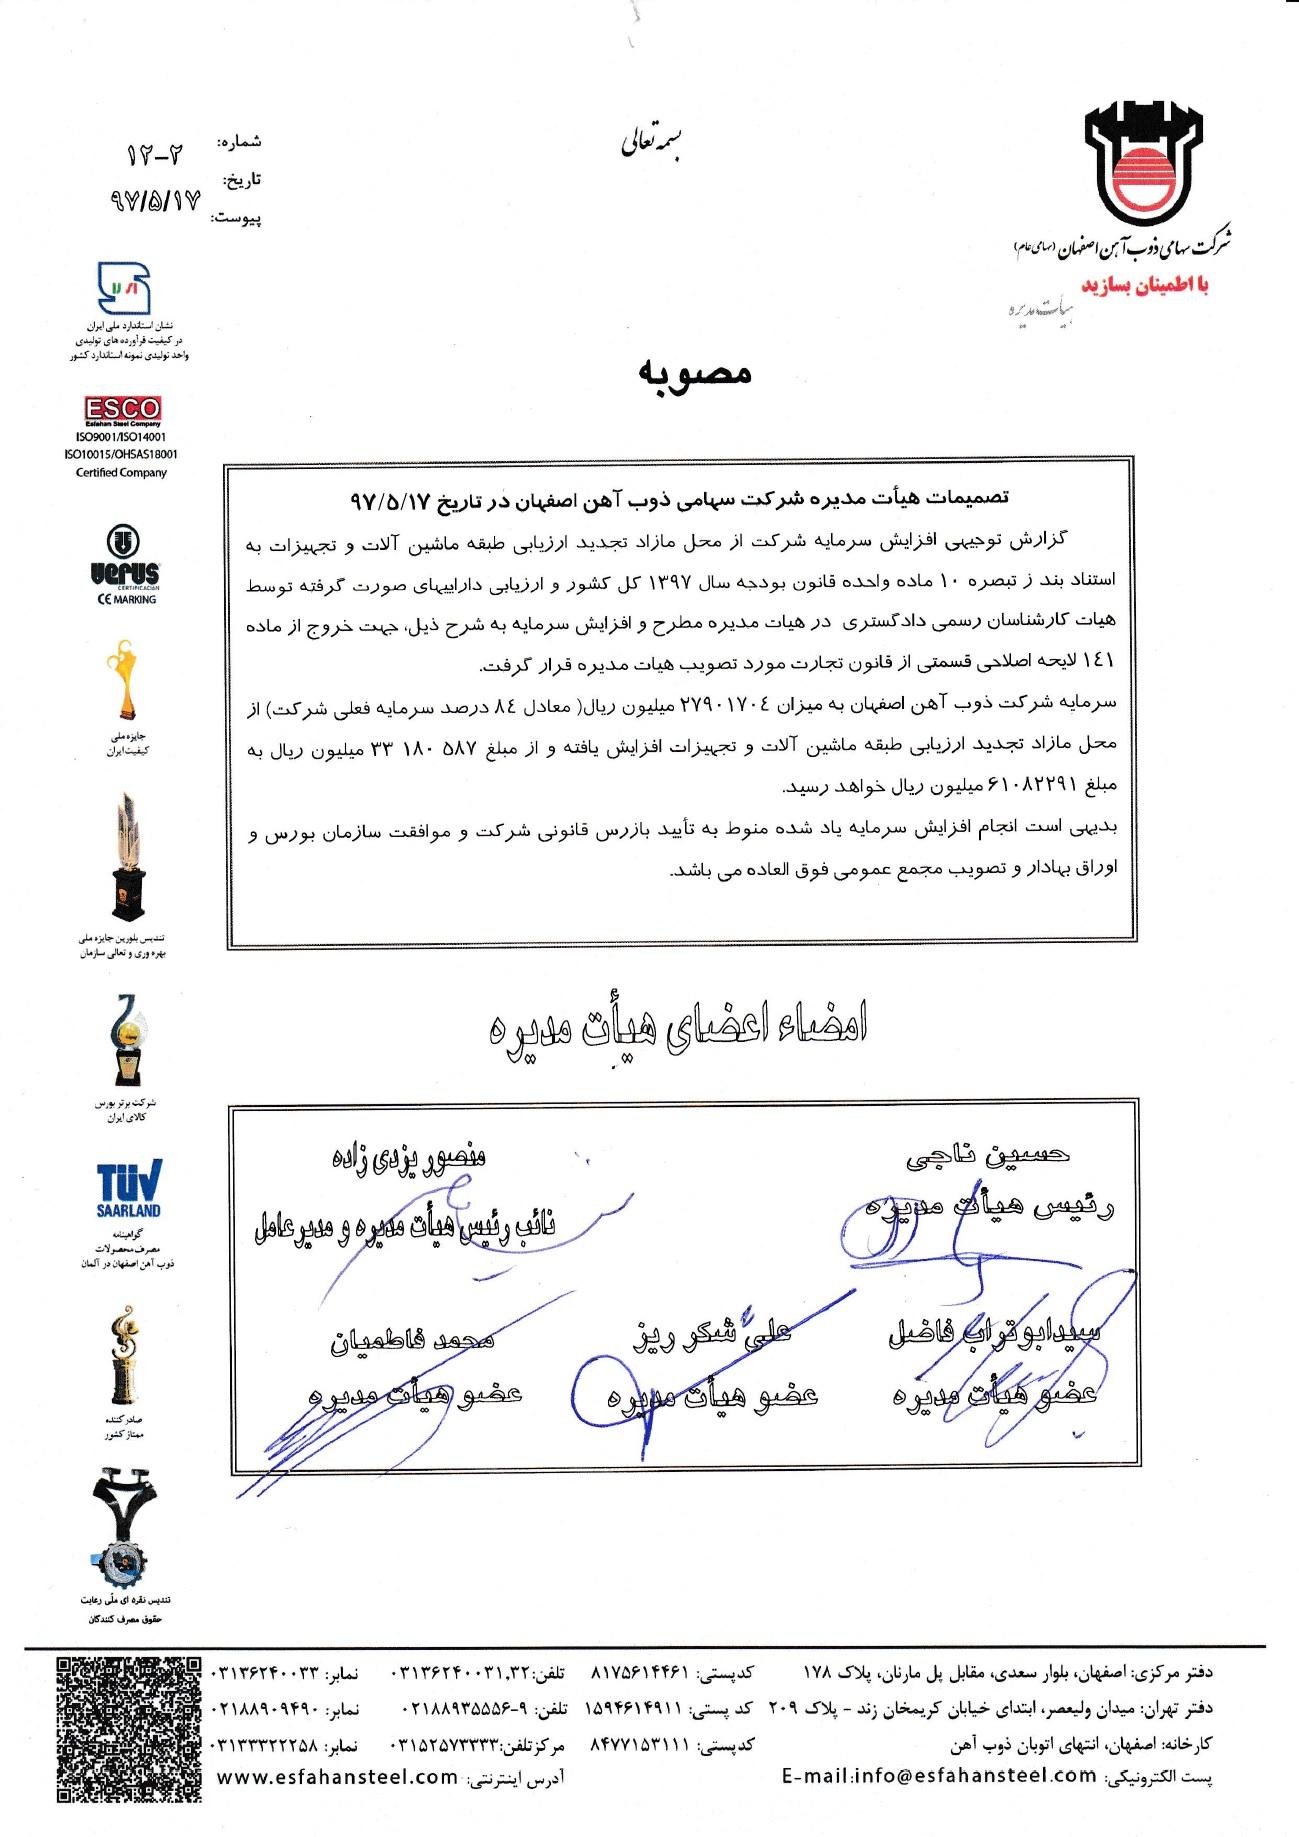 هیئت مدیره ذوب آهن اصفهان با افزایش سرمایه شرکت موافقت کردند/ پیشنهاد افزایش سرمایه در انتظار موافقت سازمان بورس و تصویب مجمع فوق العاده